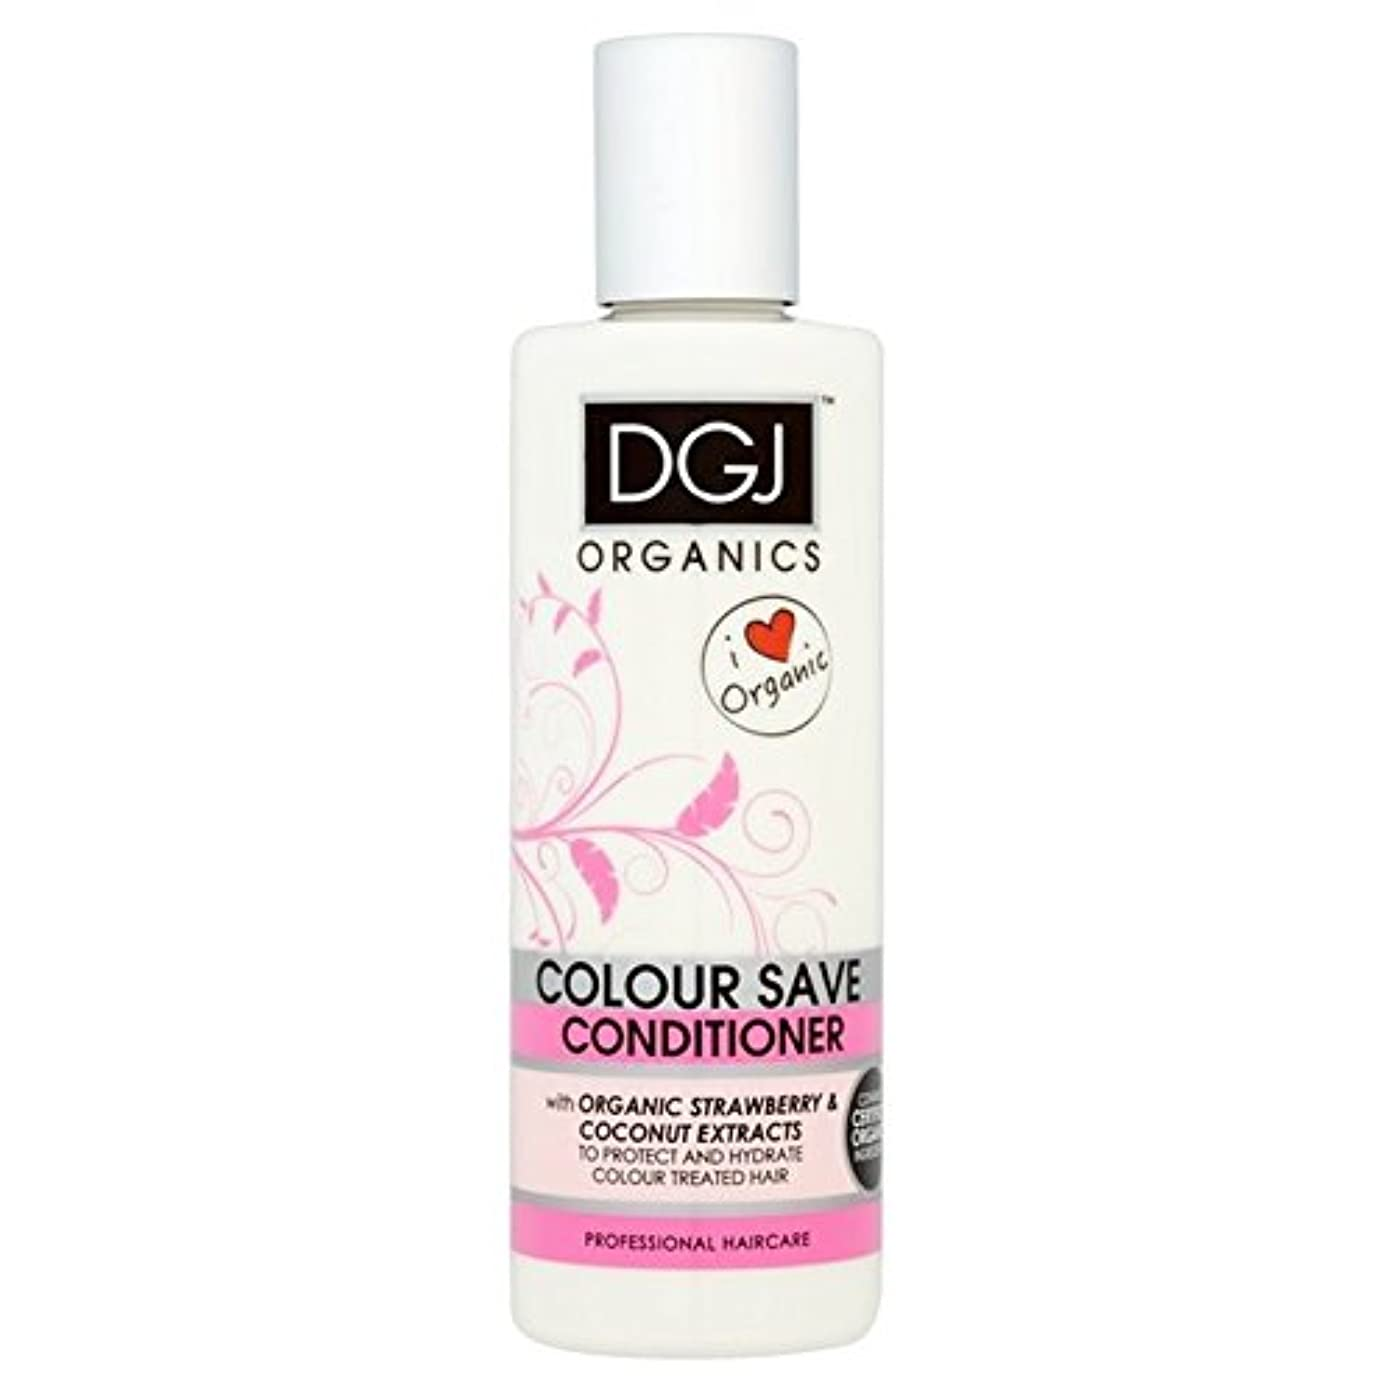 変えるベースミリメーターDGJ Organics Colour Save Conditioner 250ml - 有機物の色コンディショナー250を保存 [並行輸入品]